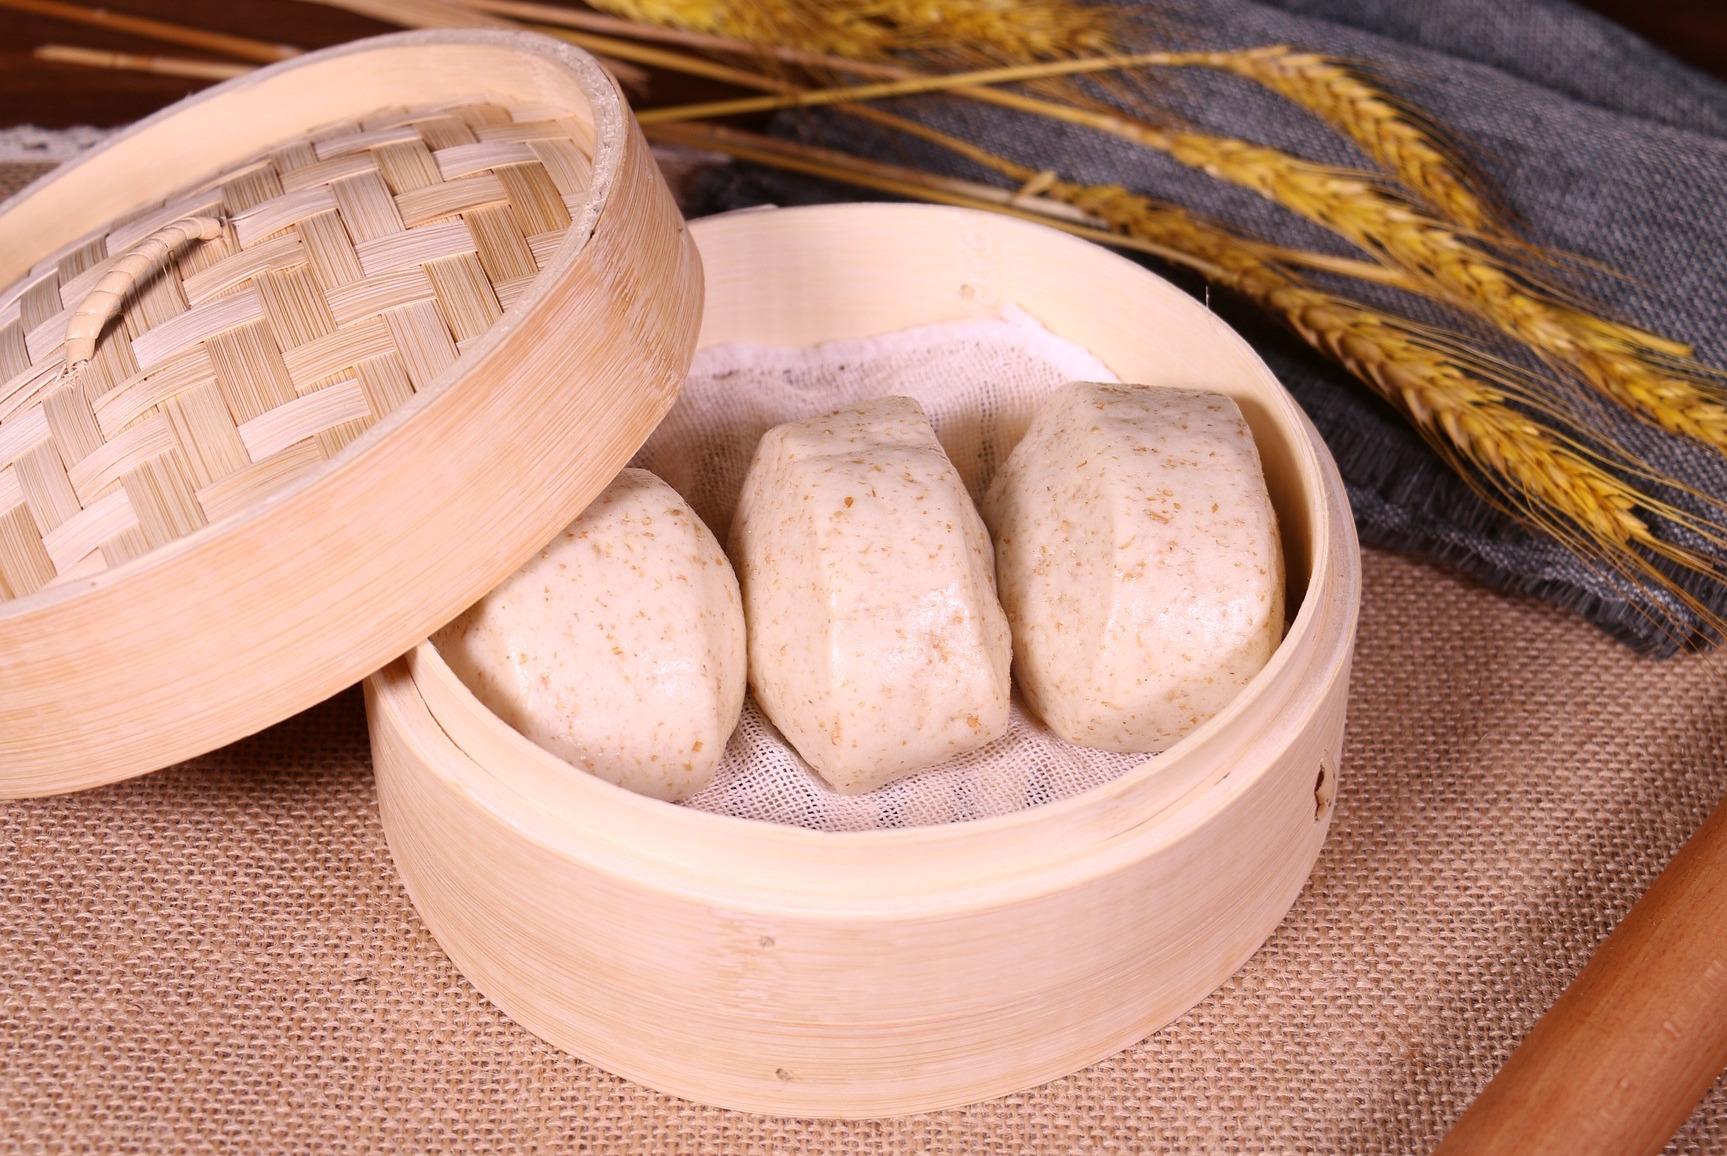 「做麵包饅頭為什麼要放鹽?」很多人都不知道,加鹽其實有這些好處!